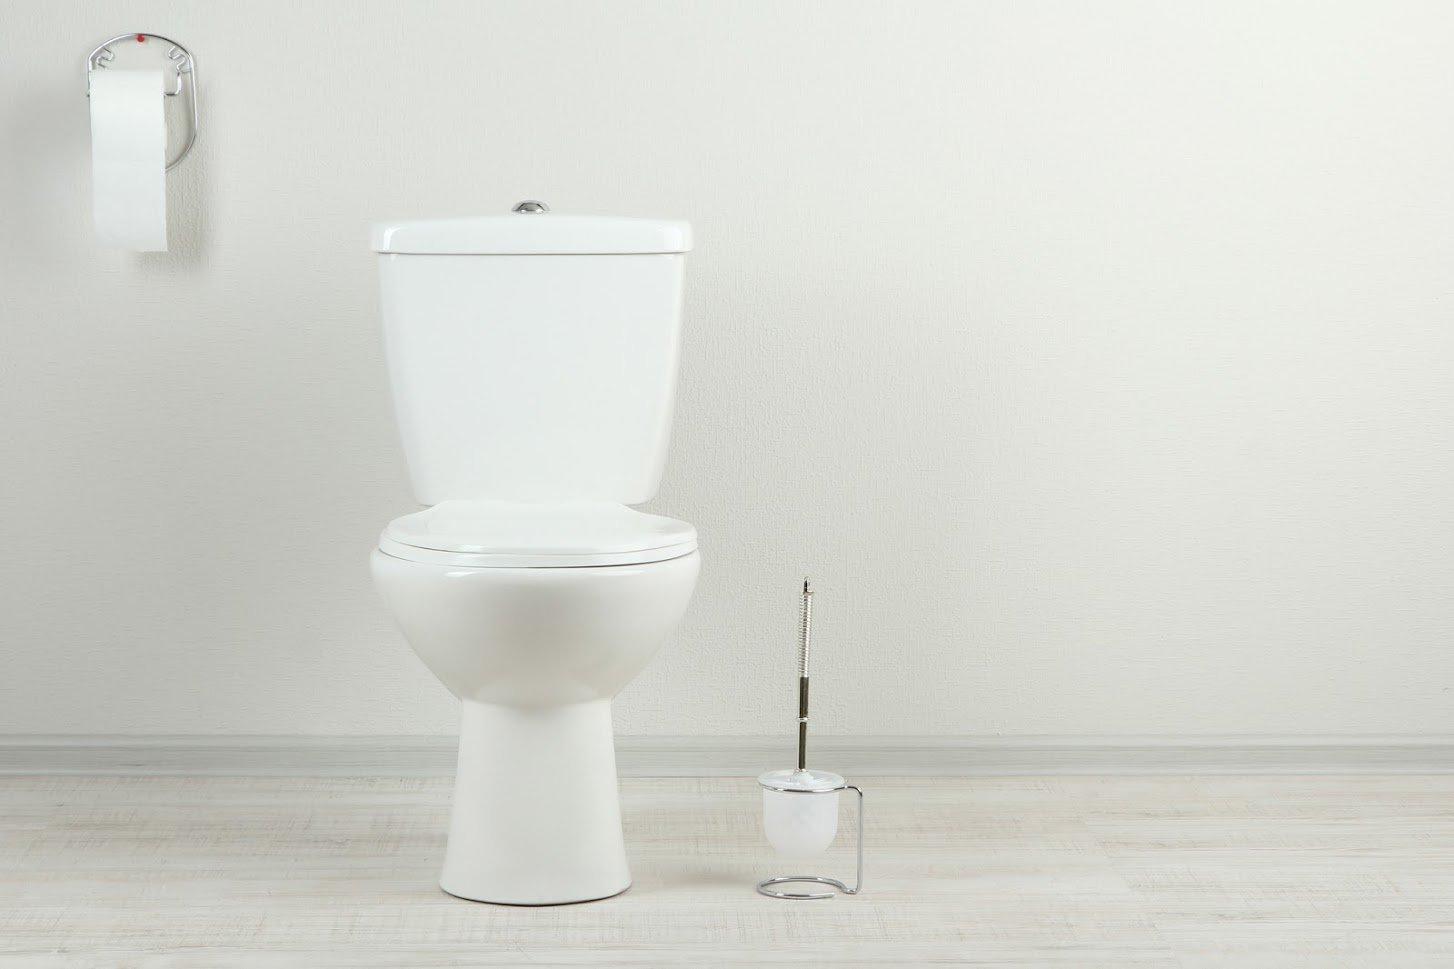 thornleigh plumber dual flush toilet